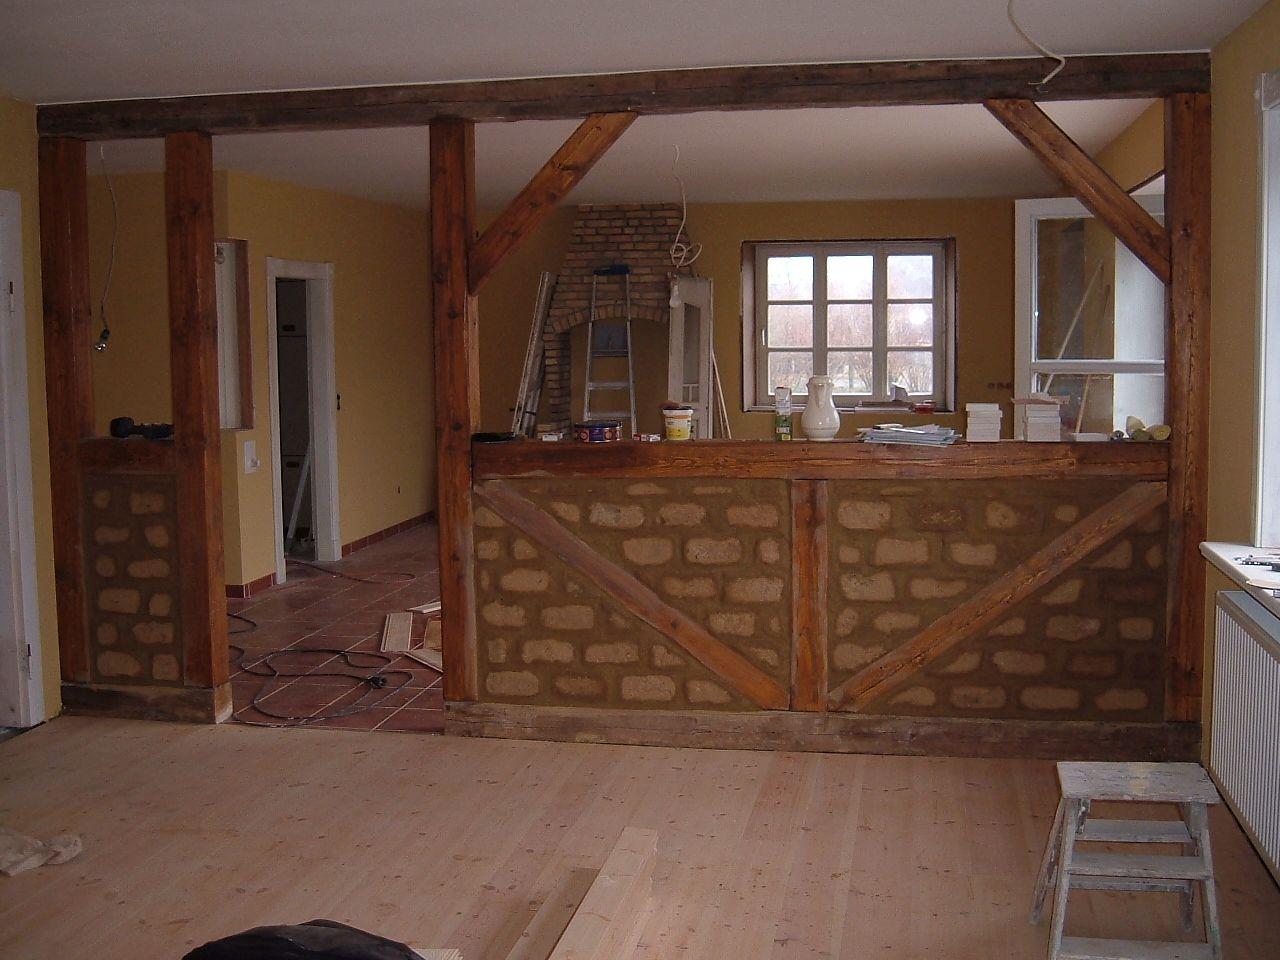 Lehmbaufachwerk als Trennwand im Wohnbereich